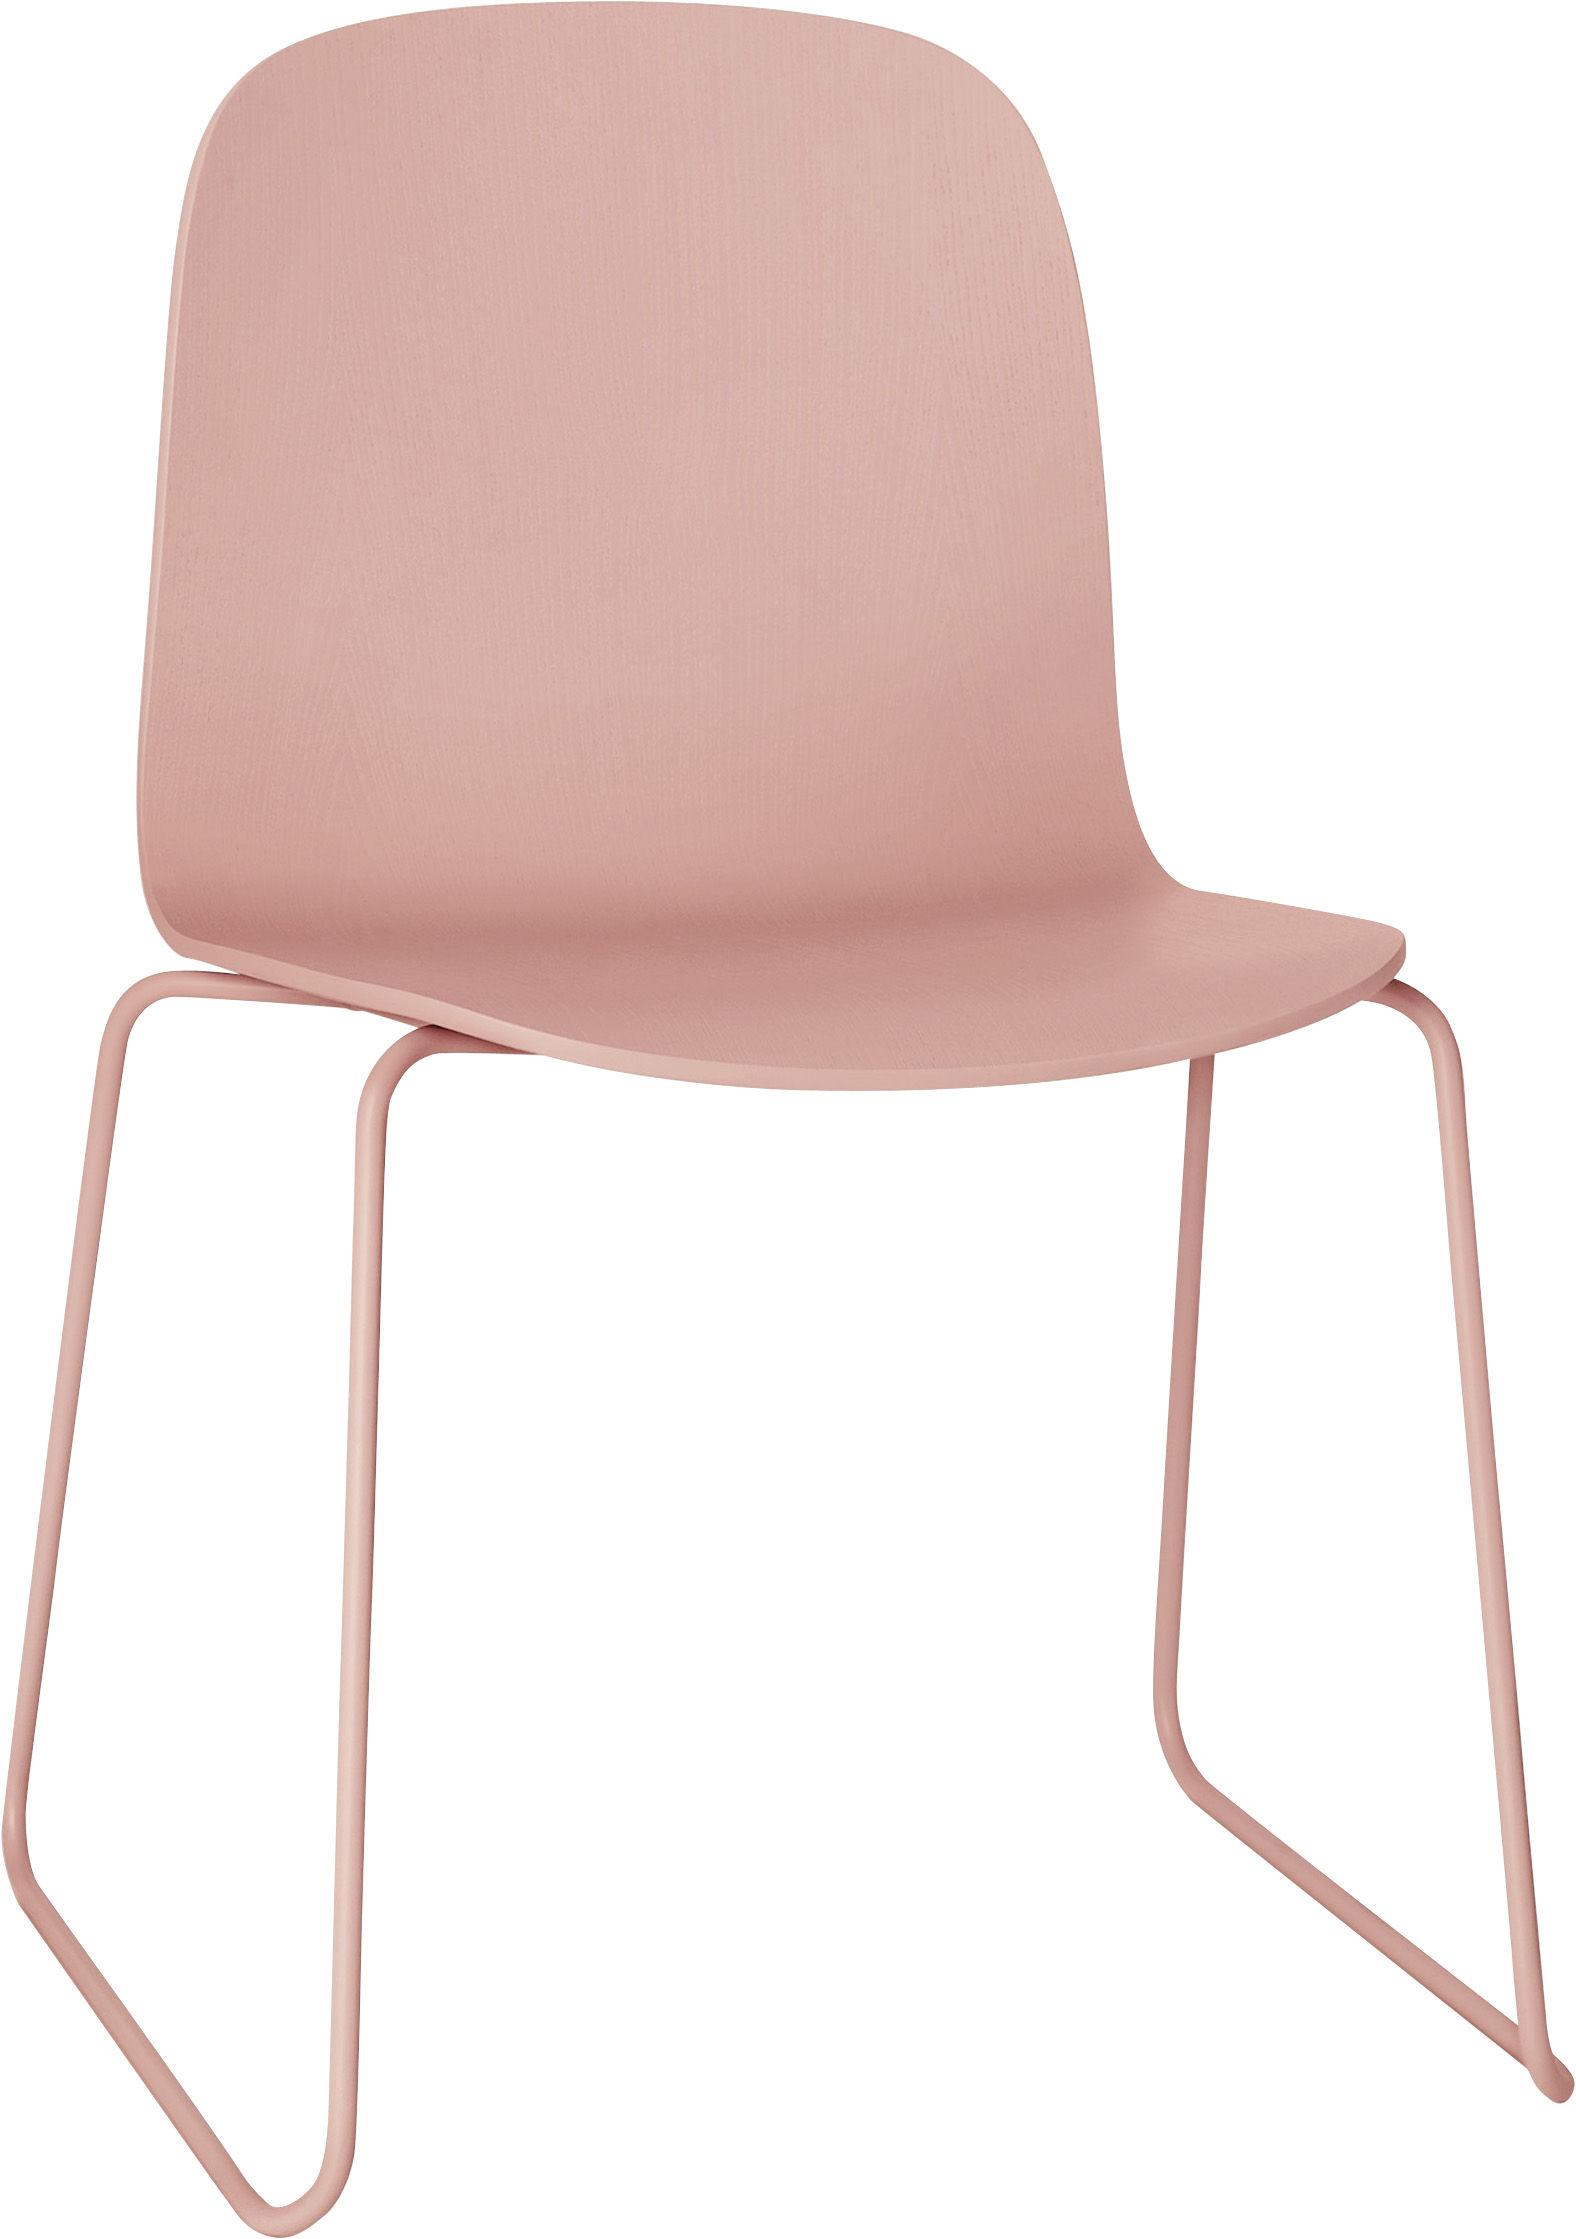 Arredamento - Sedie  - Sedia impilabile Visu - base a slitta di Muuto - Struttura rosa / seduta rosa - Acciaio verniciato, Rovere verniciato